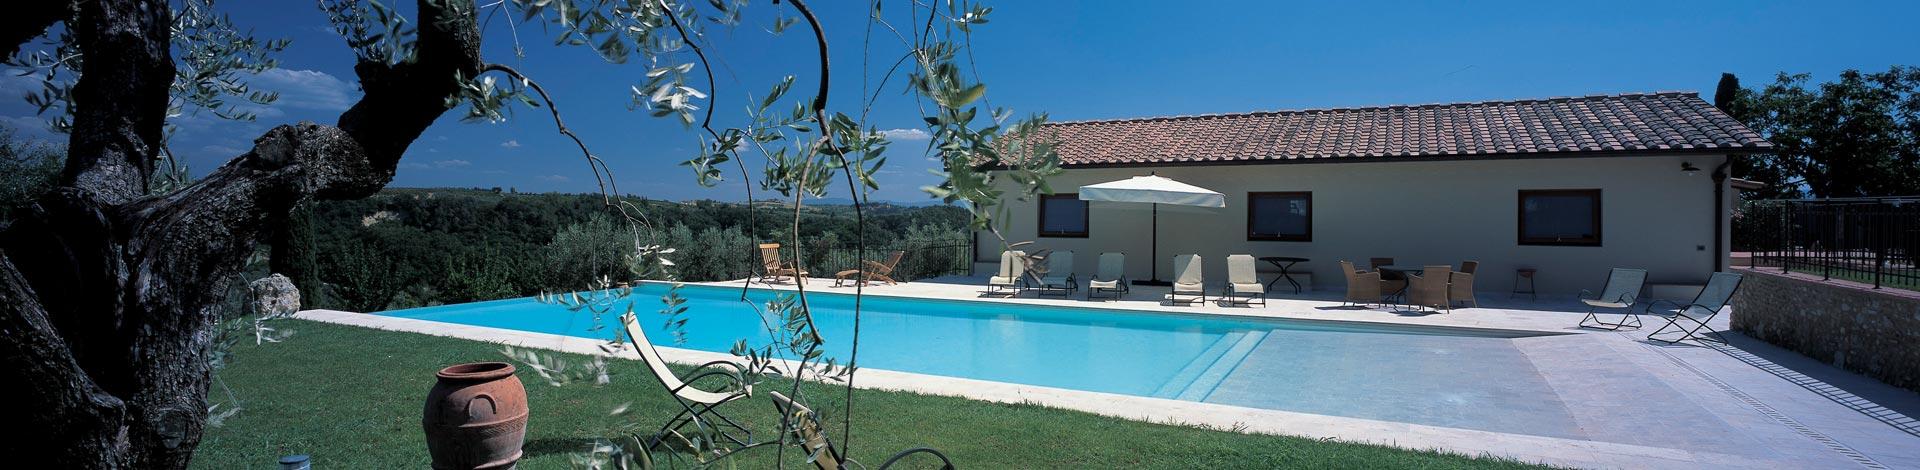 Installazione piscine busatta for Home piscine